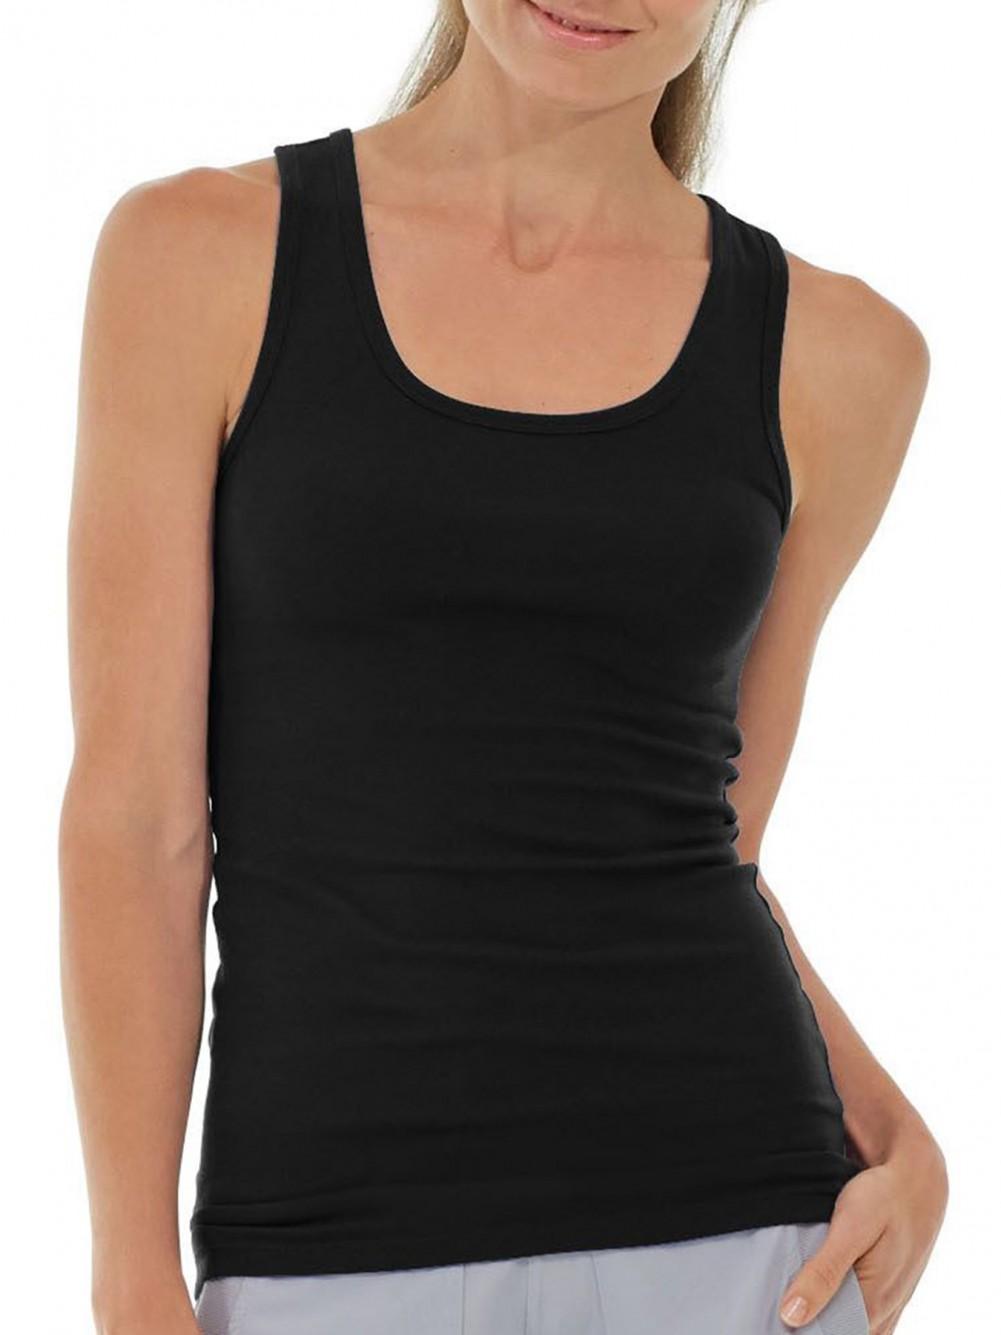 4 Damenunterhemden 100% Baumwolle breite Träge ohne Spitze - Schwarz